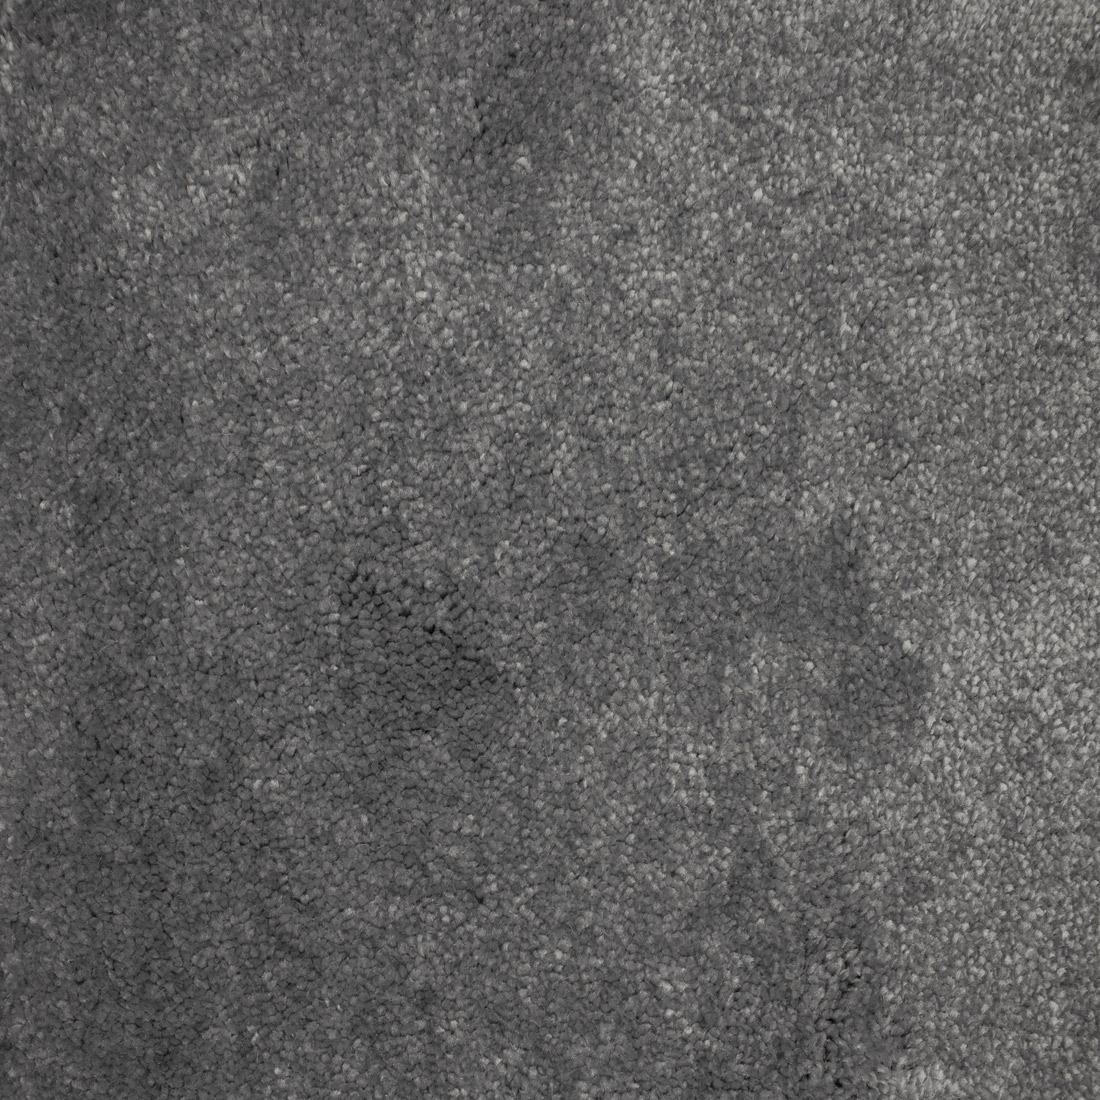 Vloerkleed Xilento Soft Mousse | 200 x 300 cm